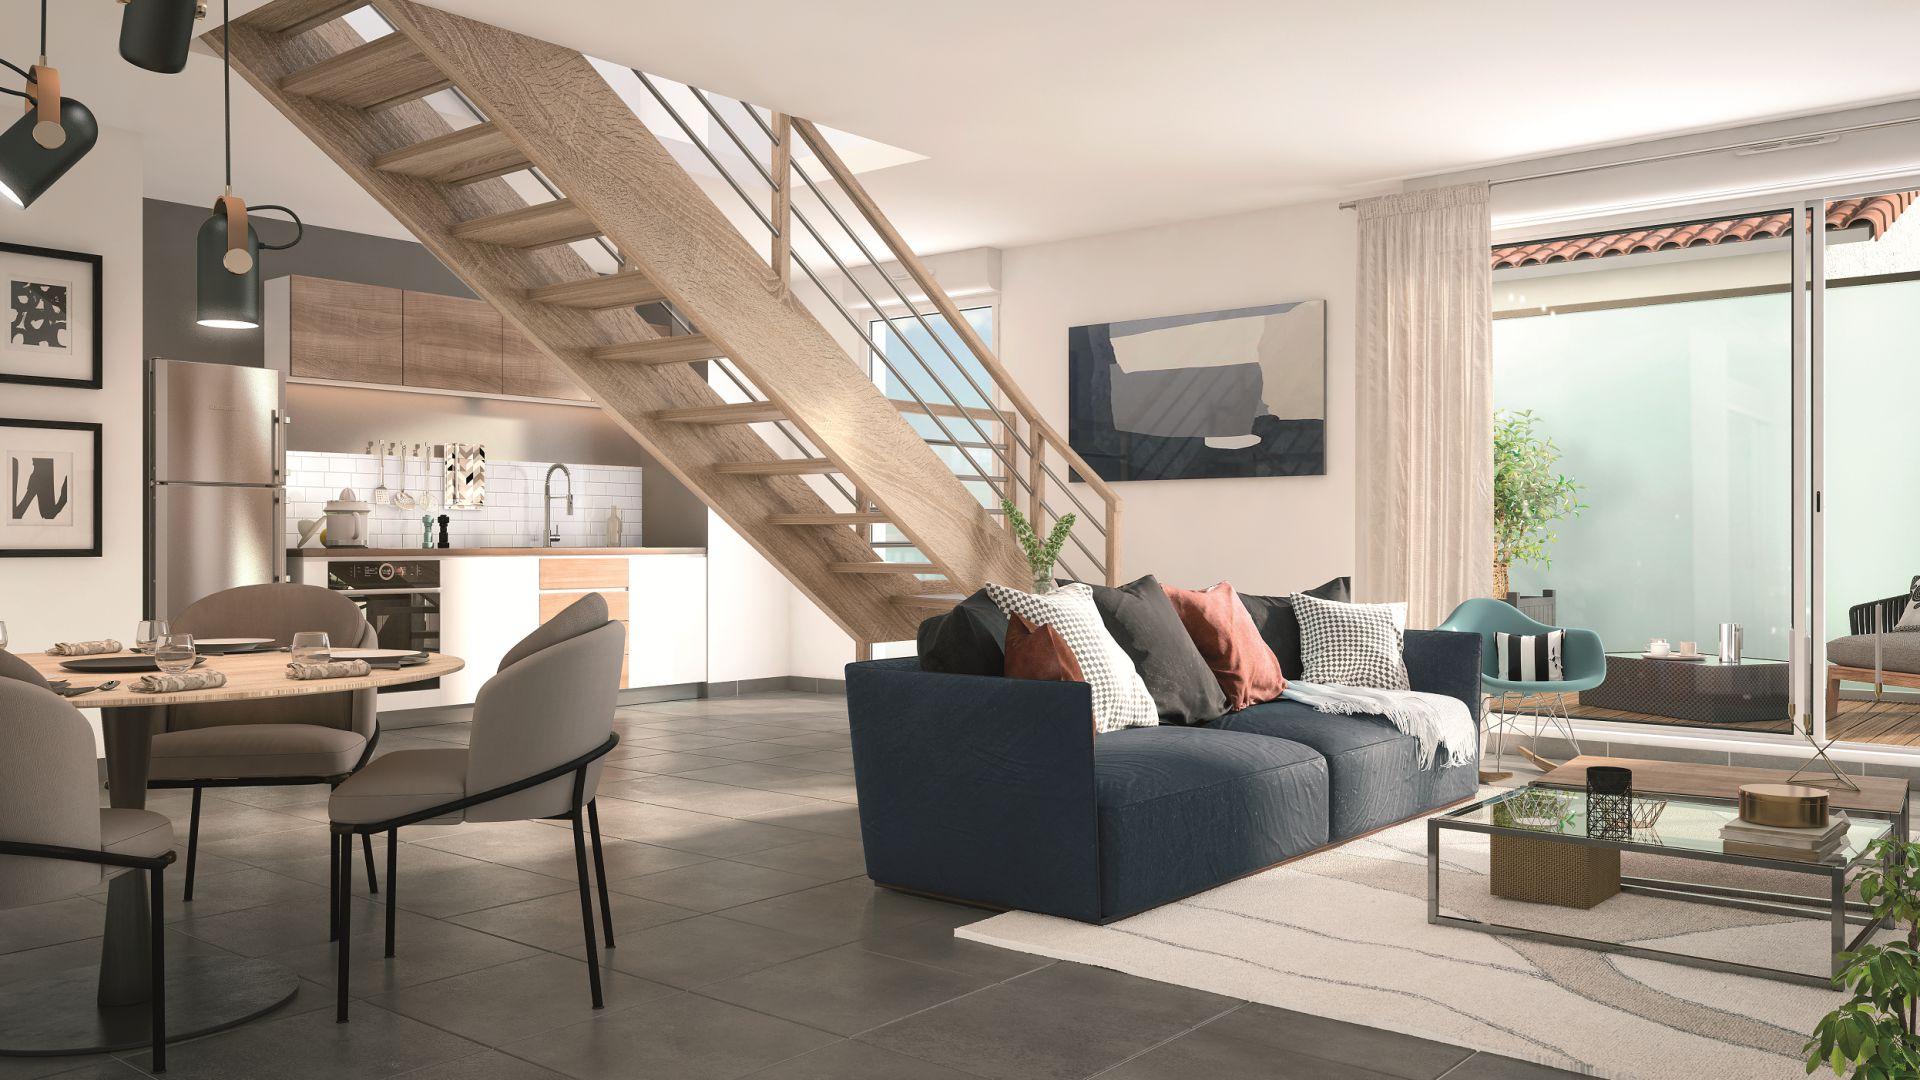 GreenCity immobilier - Toulouse Saint-Simon - 31100 - Résidence Azéria - appartement neuf du T2 au T4 Duplex - vue intérieure